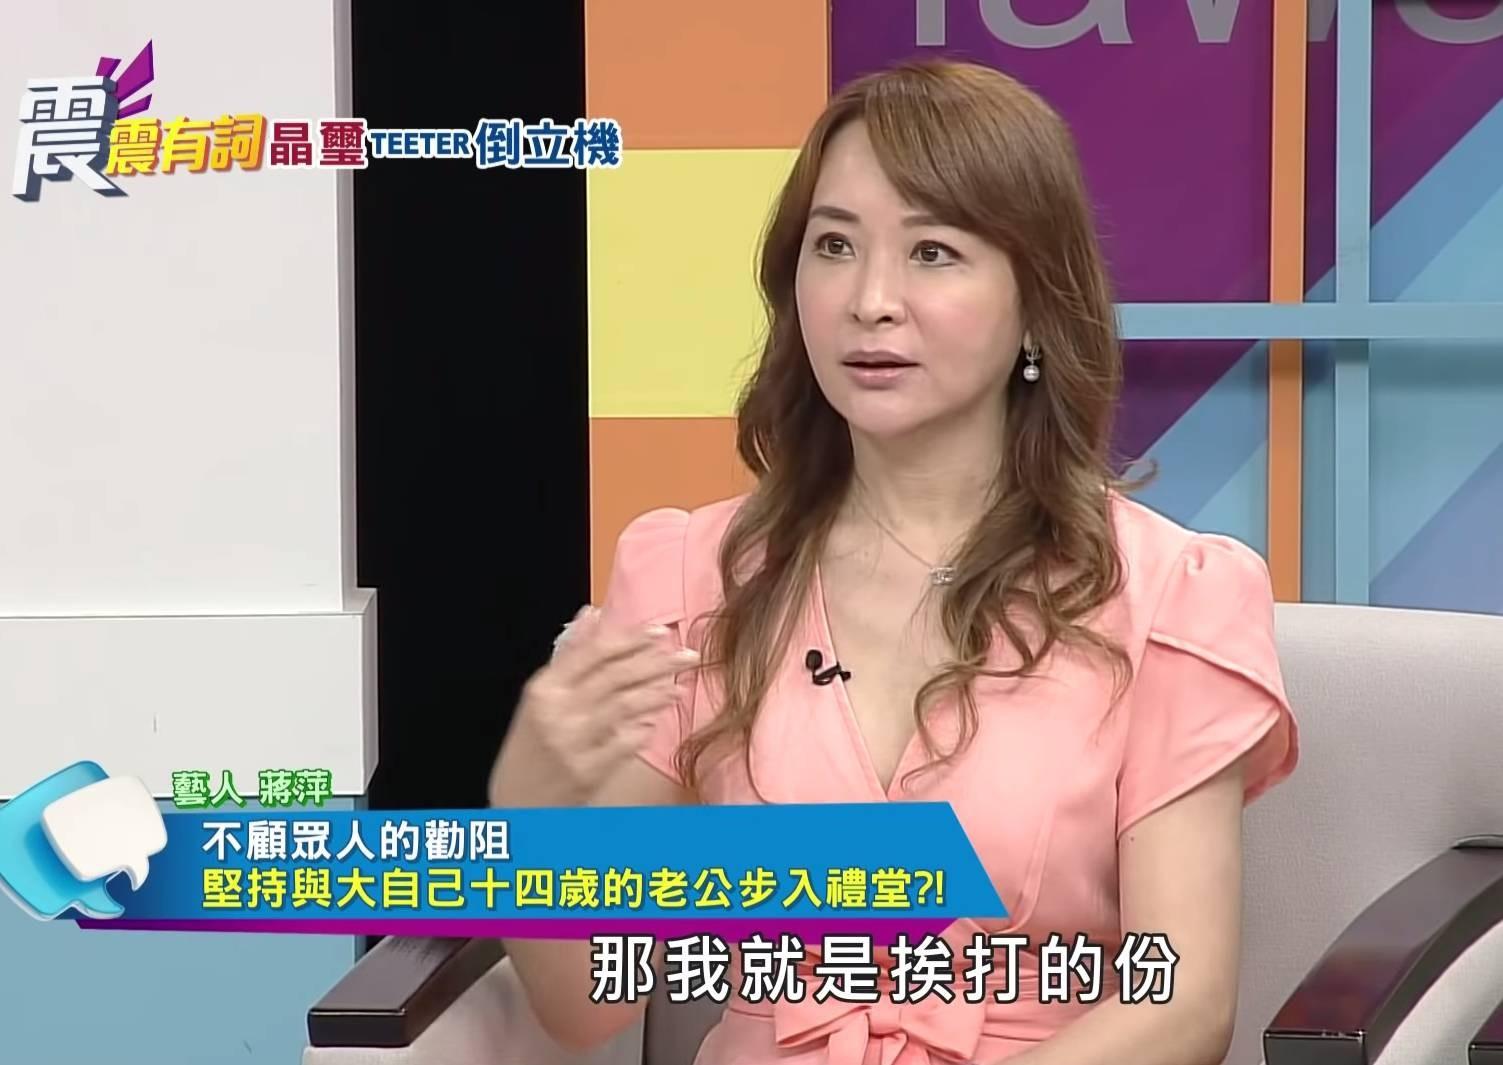 Nữ diễn viên Đài Loan phơi bày chuyện xấu hổ trong gia đình: Chồng ngoại tình với mẹ ruột, đau đớn đến mức muốn tự tử - Ảnh 1.